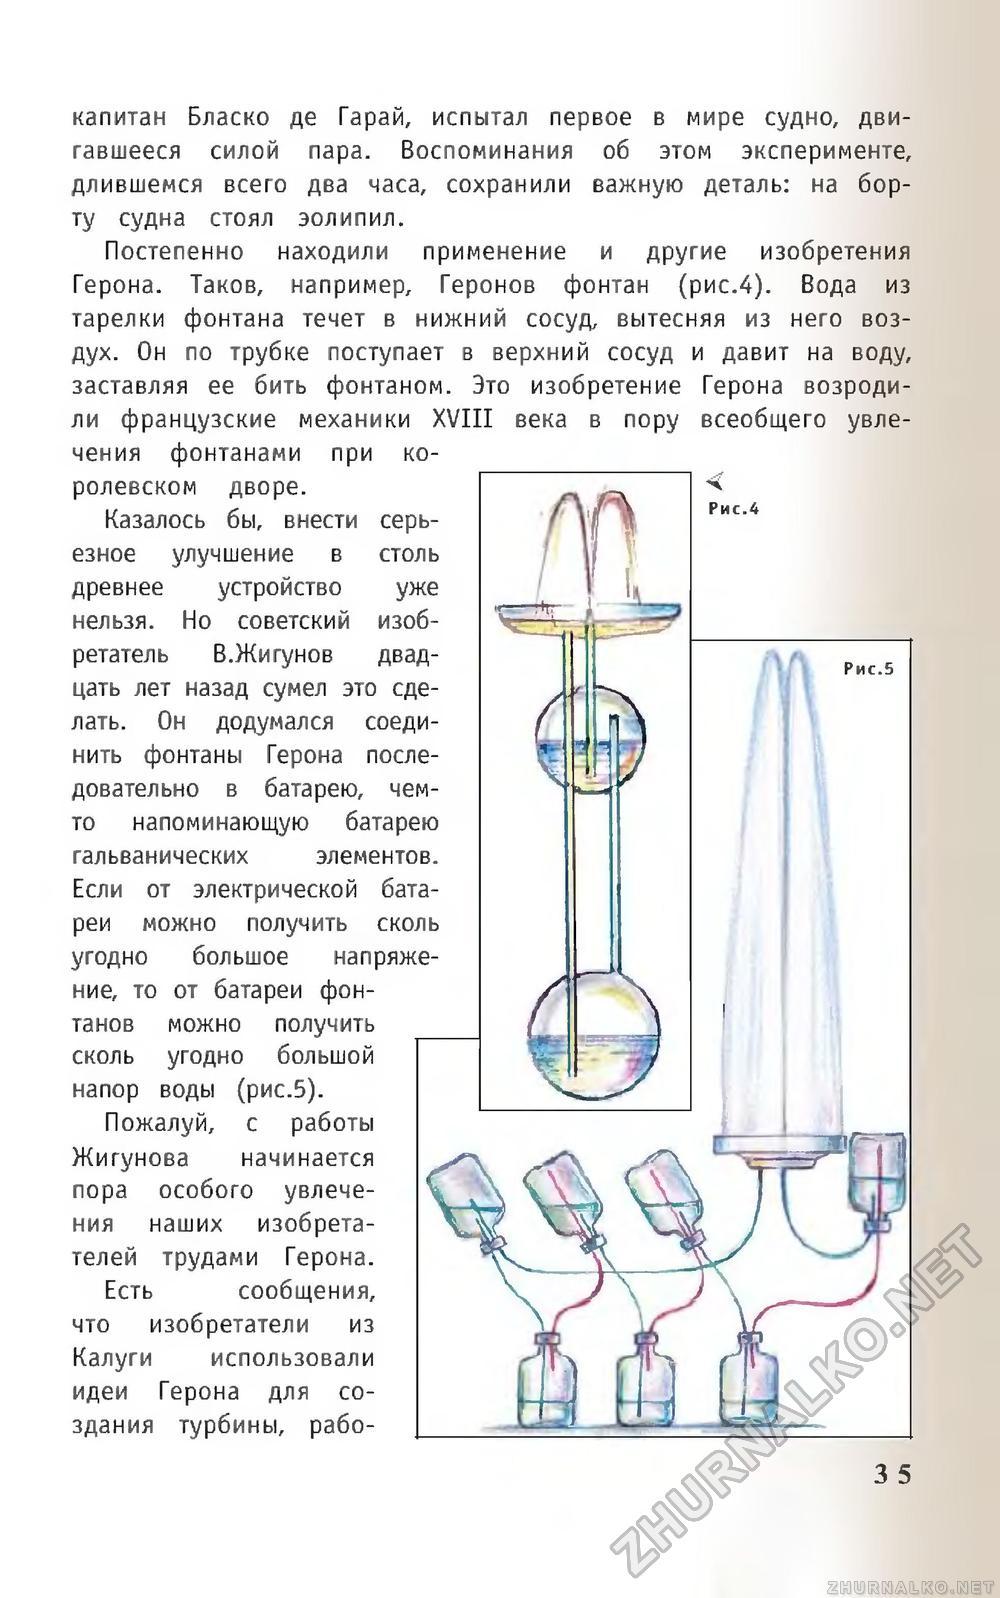 Декоративные фонтаны как элемент интерьера 69